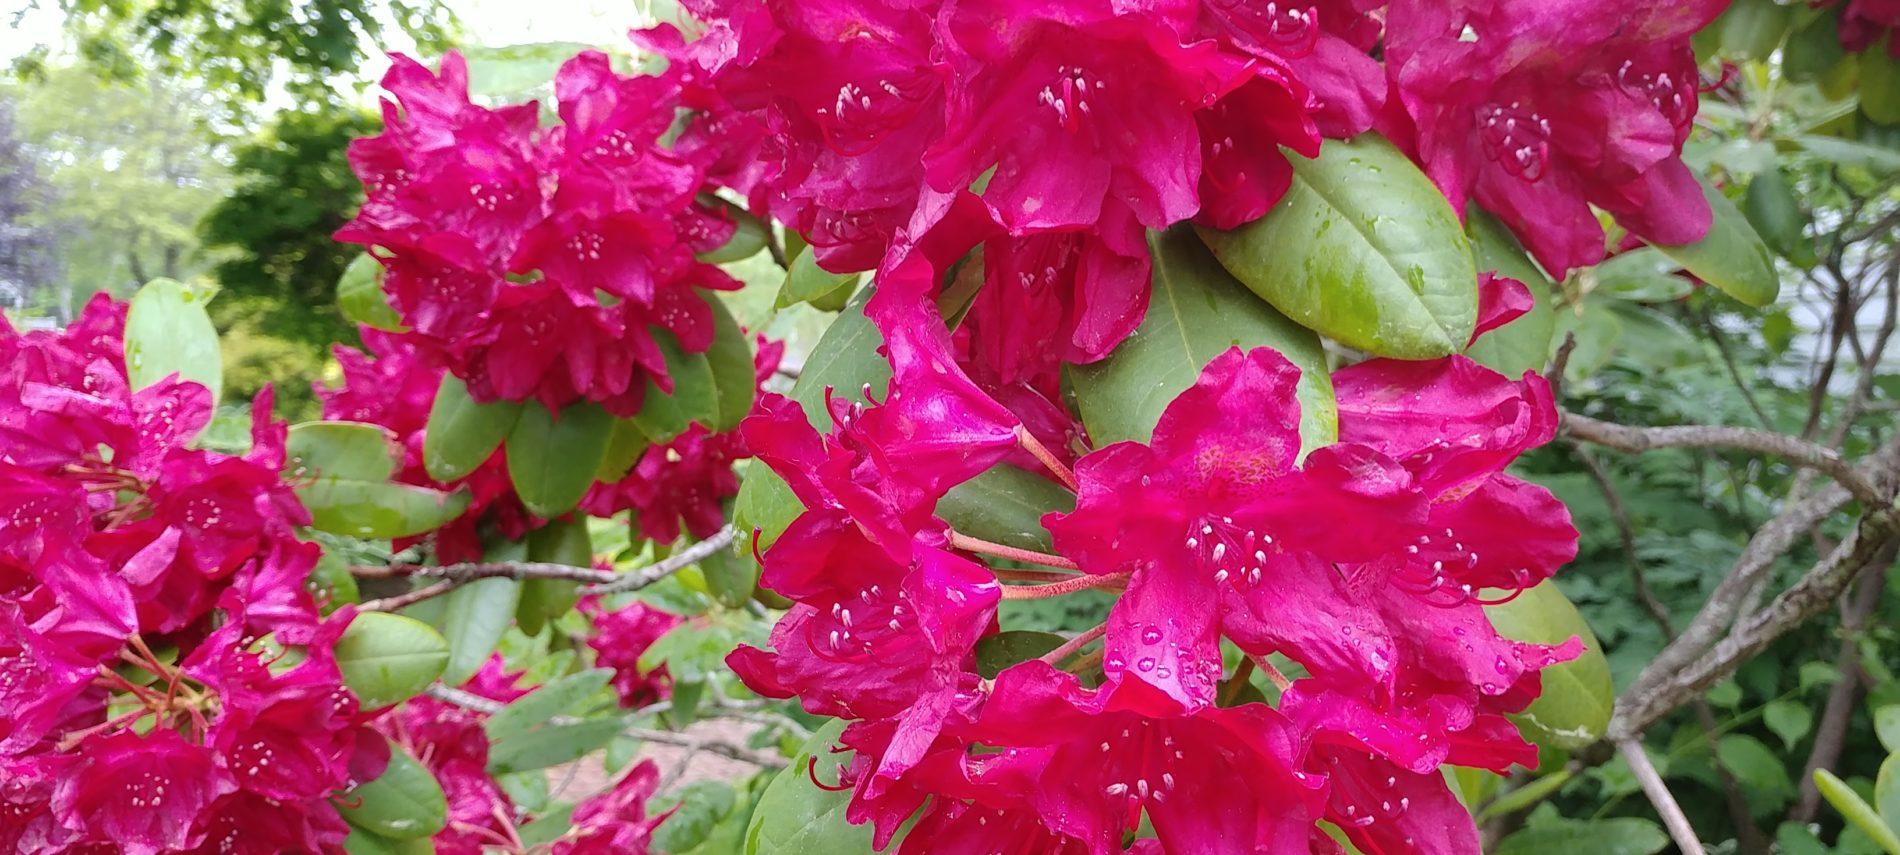 Pink azaleas bloom in the gardens around Captain Jefferds Inn